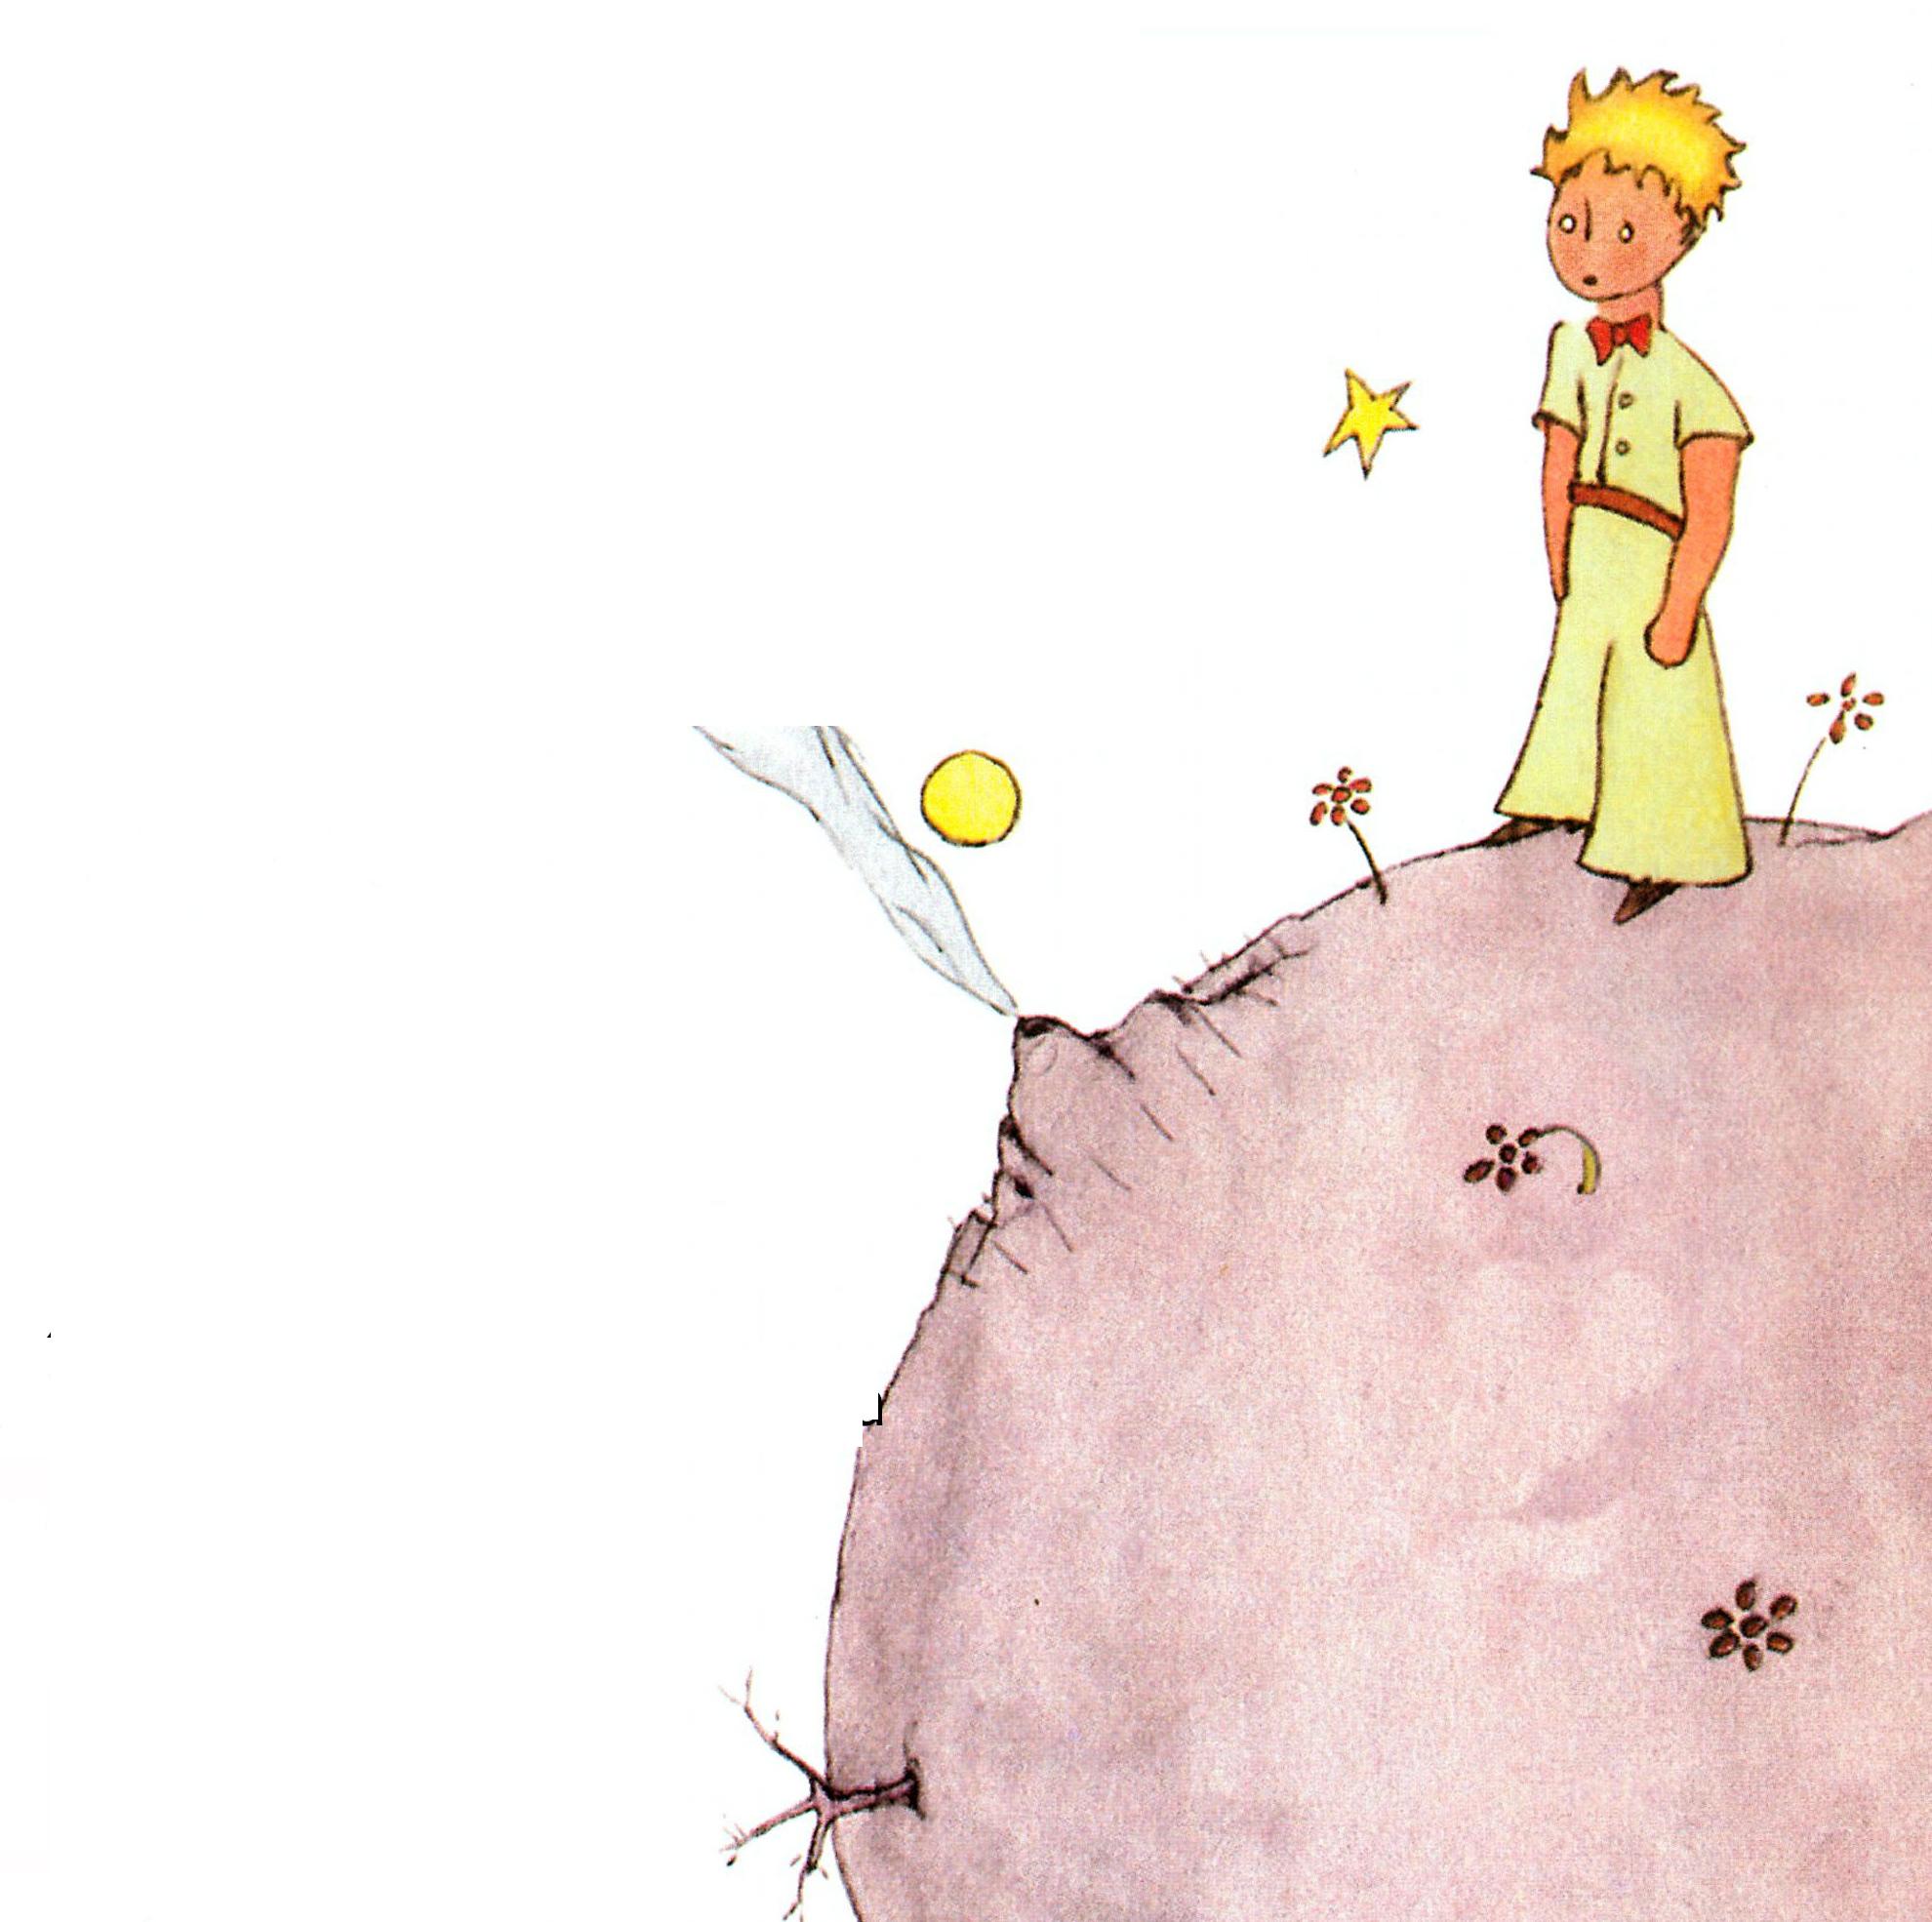 картинки маленький принц карандашом цветными